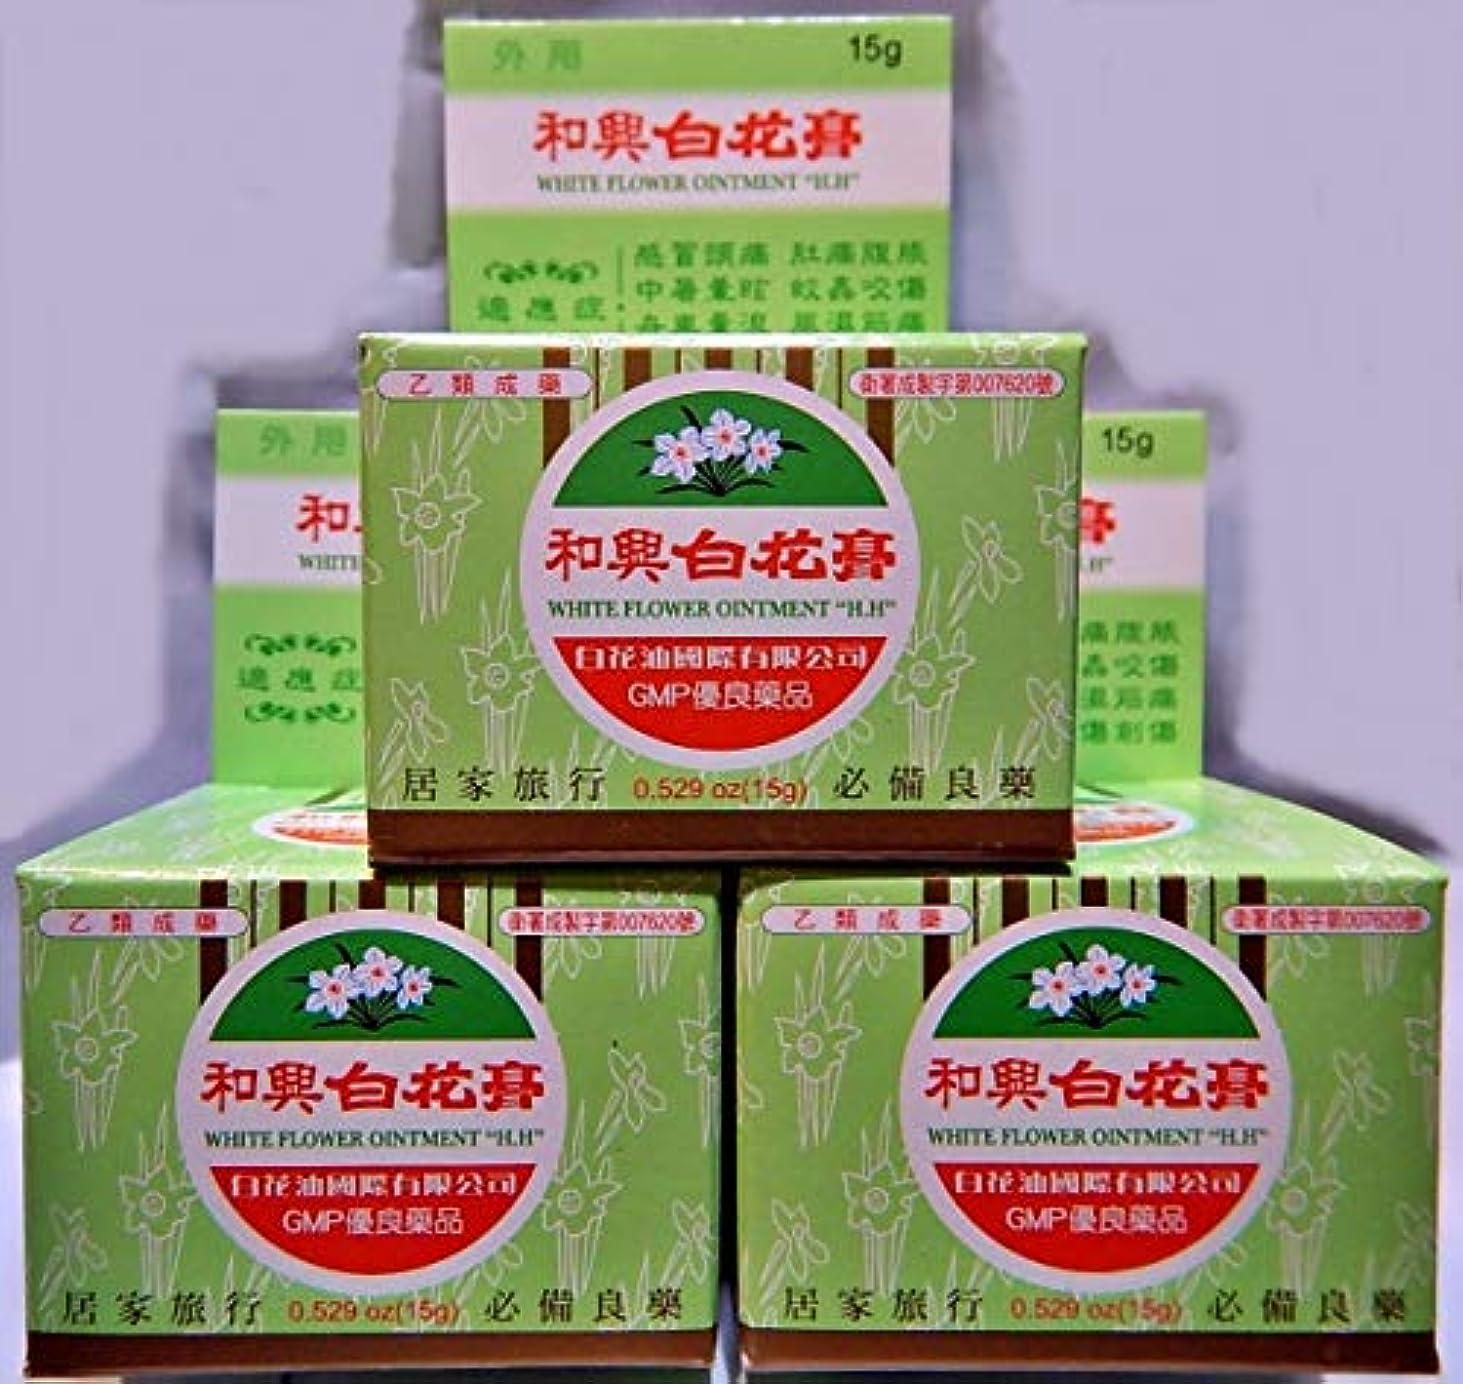 ダイヤル飛び込むホップ《和興》白花膏 15g(白花油軟膏タイプ)× 3個《台湾 お土産》 [並行輸入品]